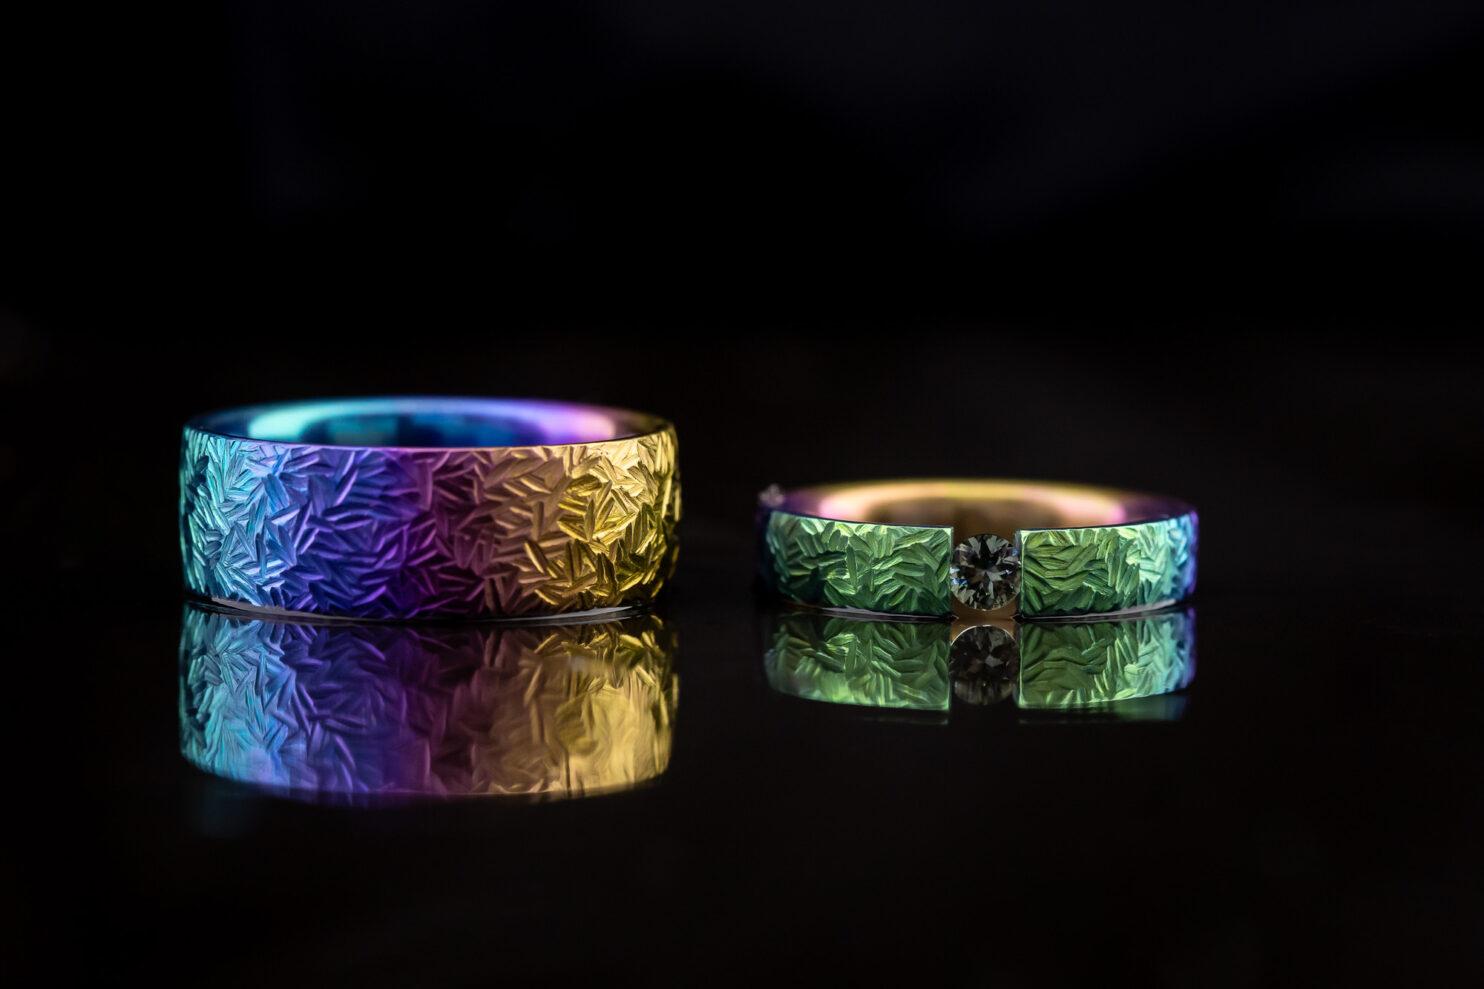 Spalvoti vestuviniai žiedai iš titano